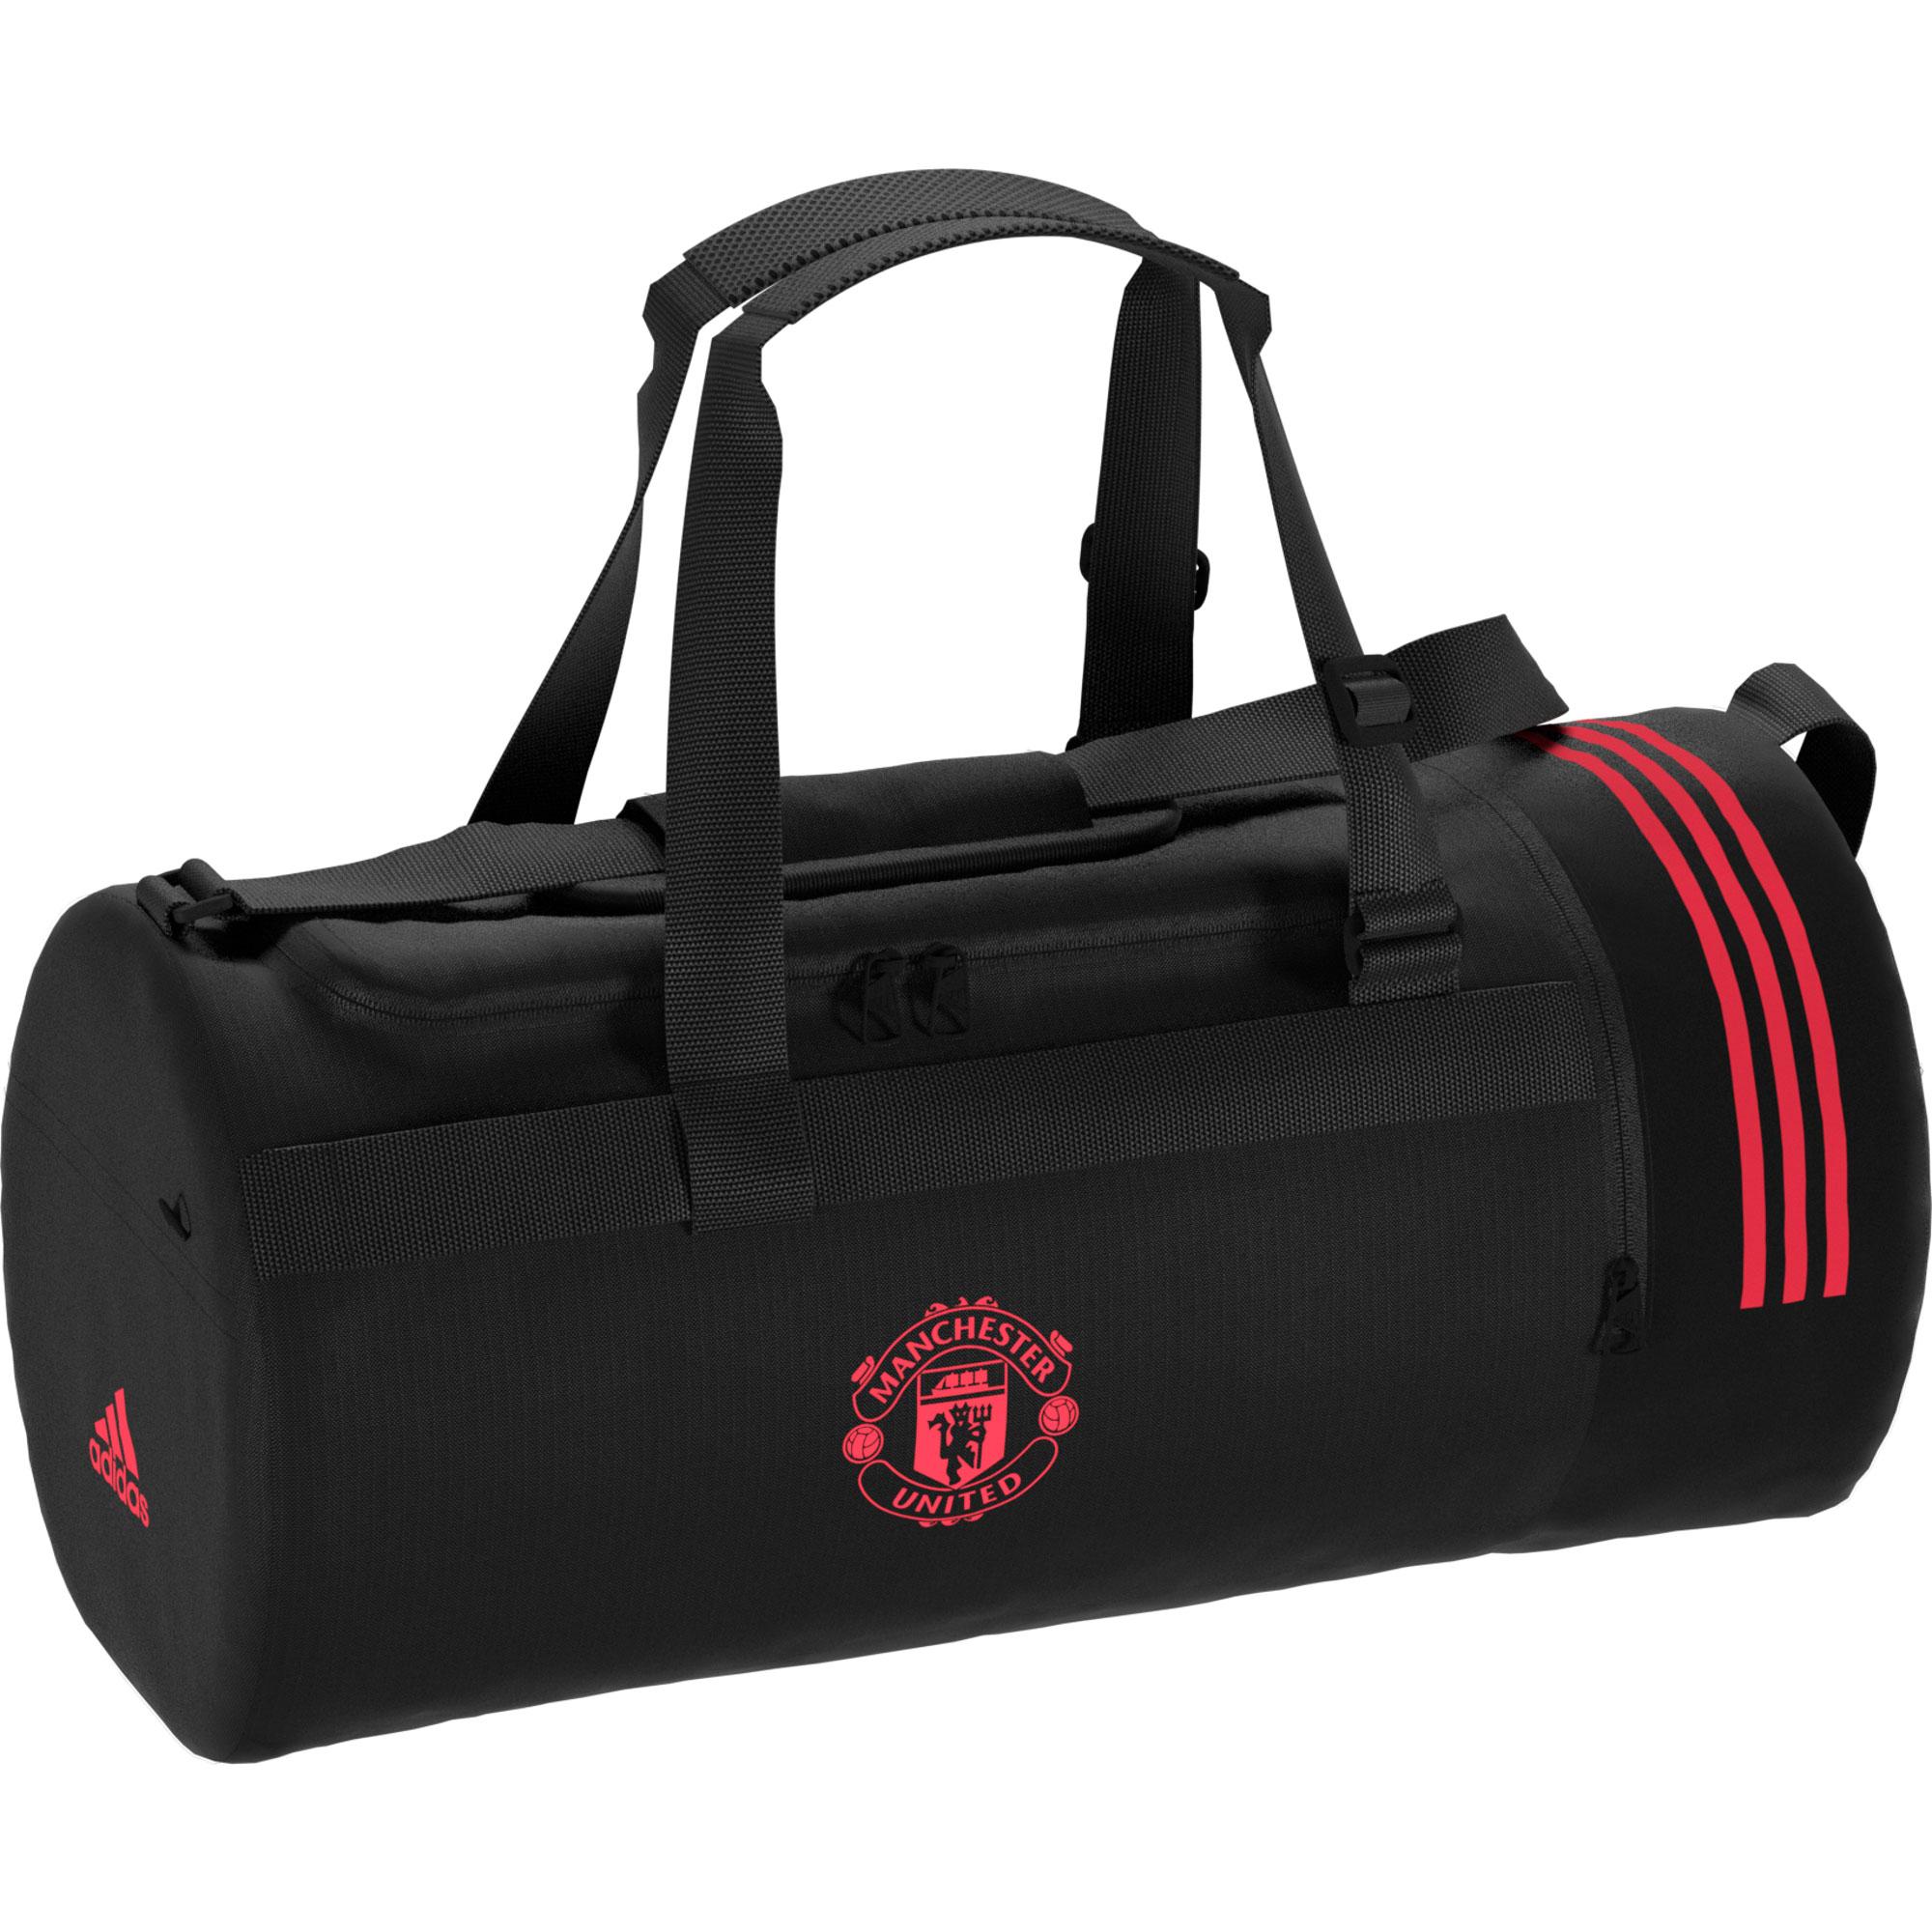 5a163b0c4d Adidas Manchester United športová taška